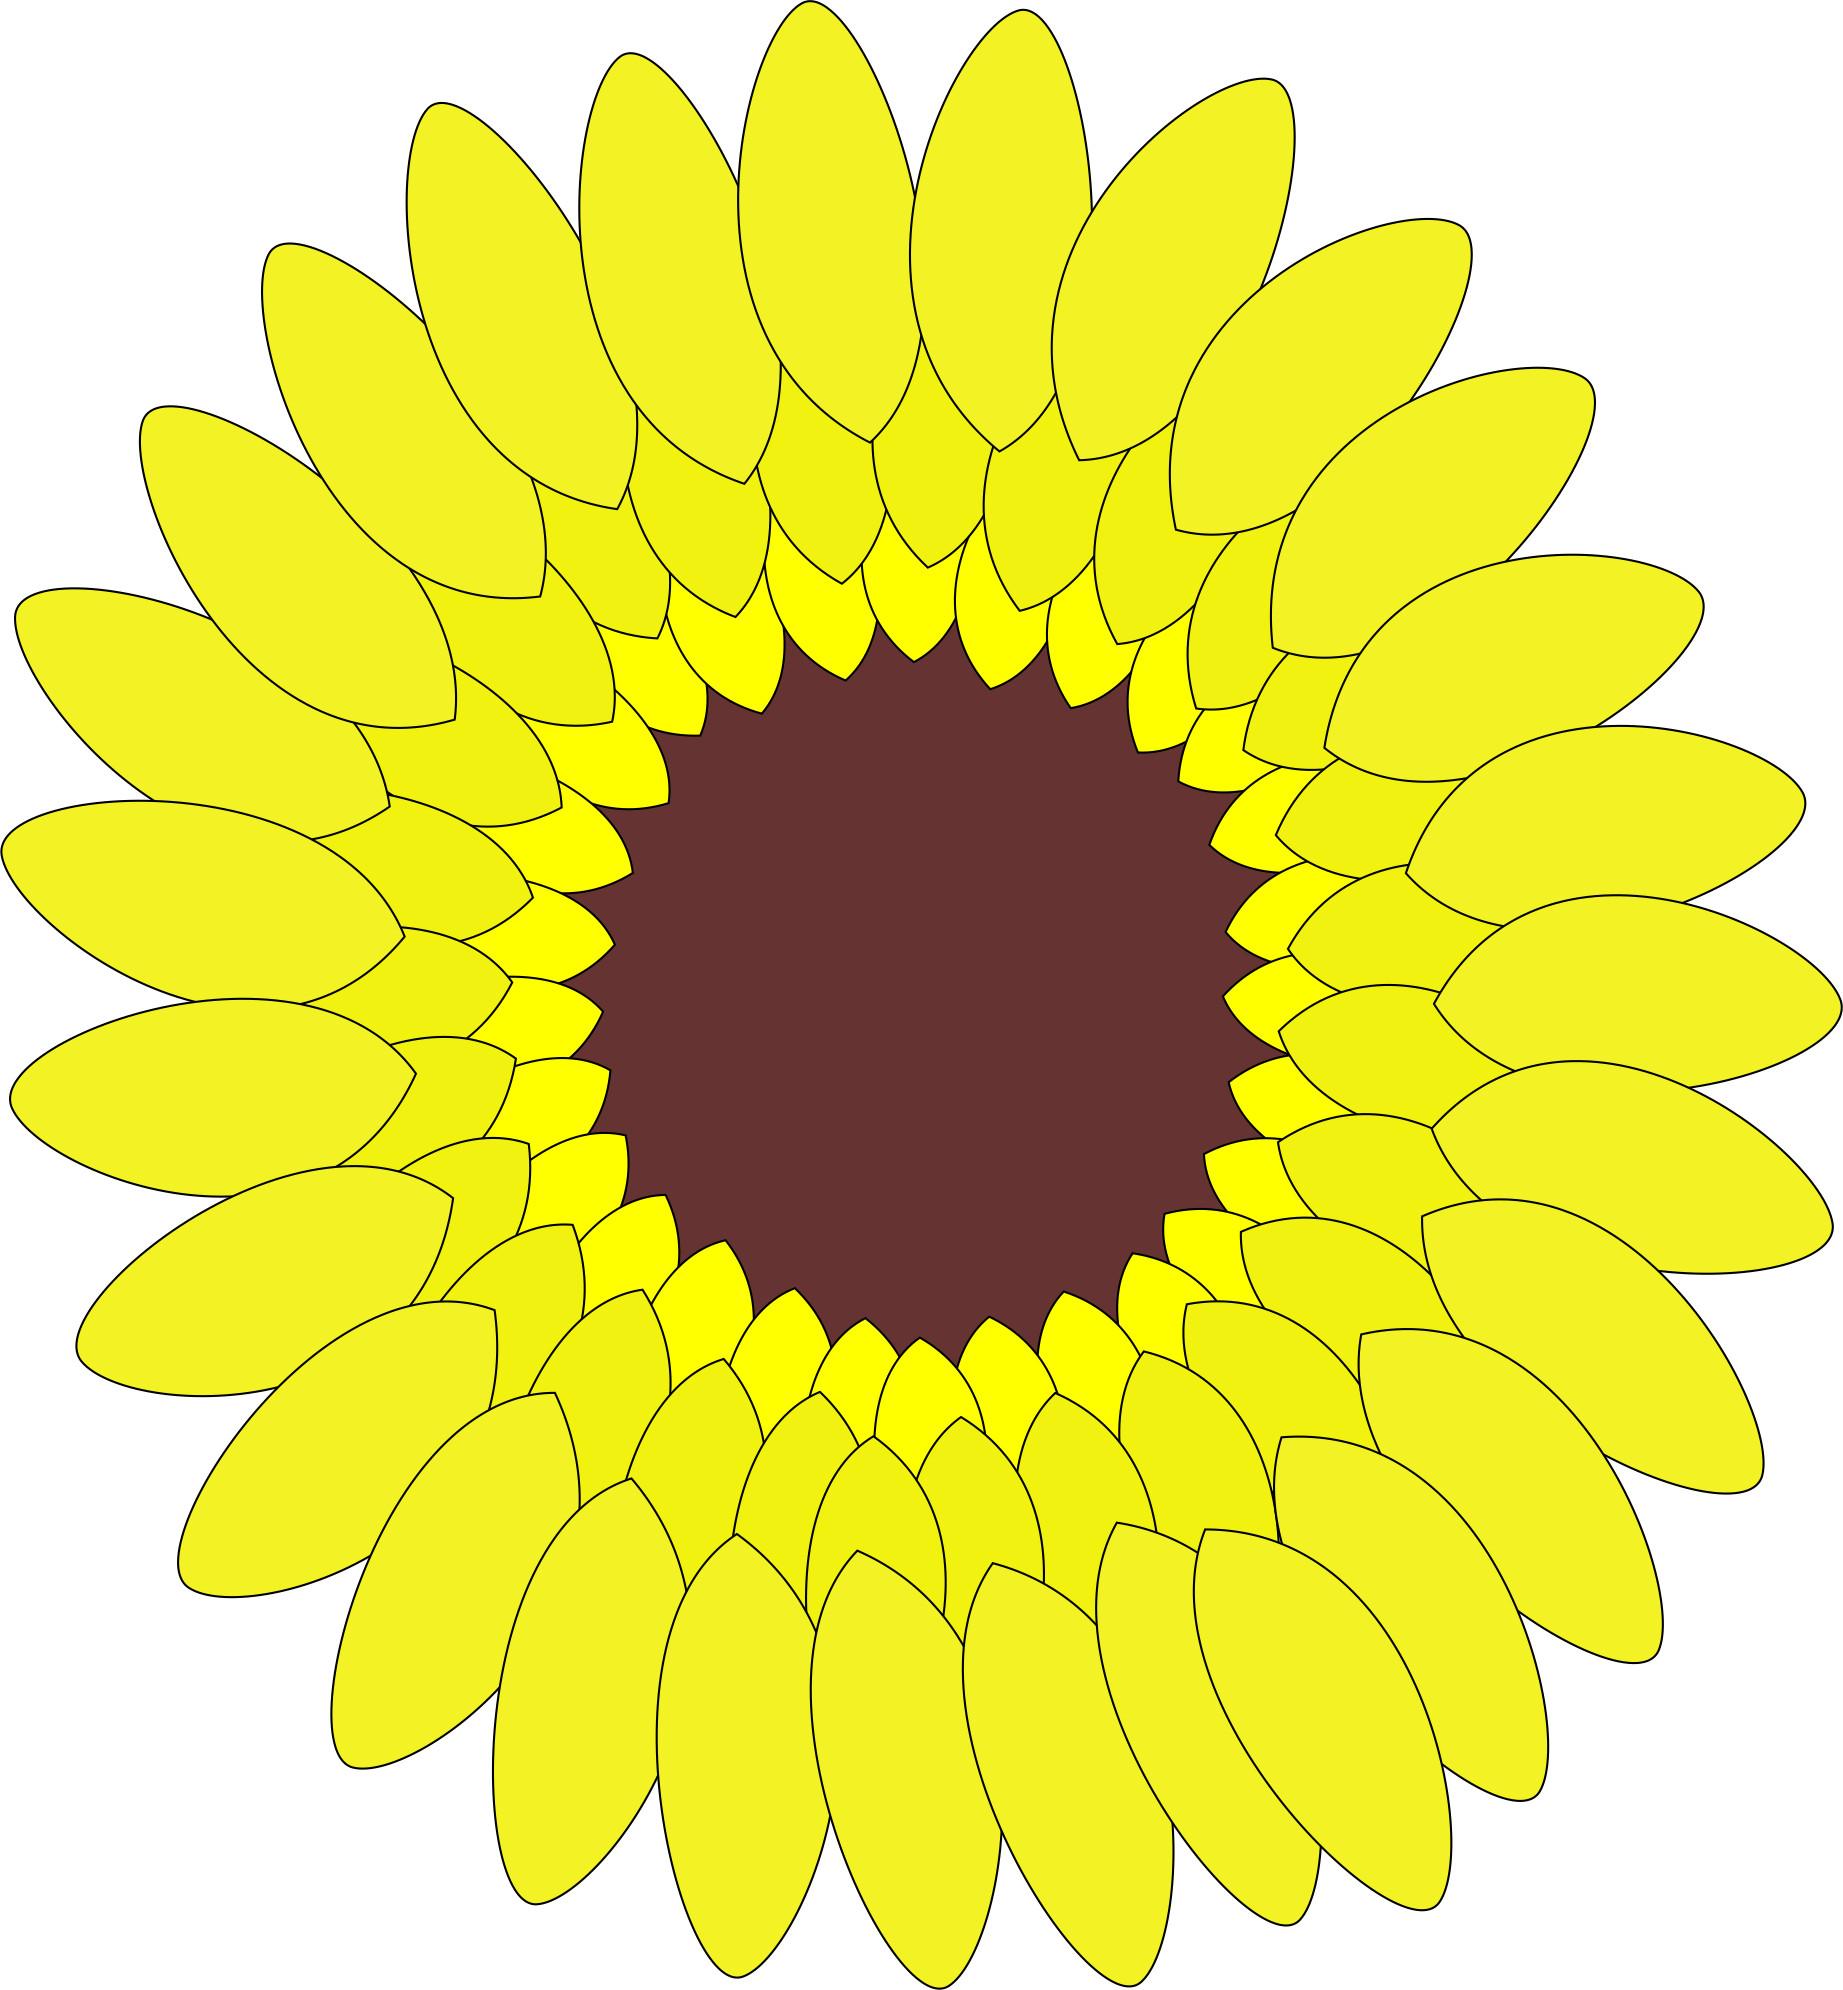 Artstation Flower Design In Coreldraw Balthazar Batra